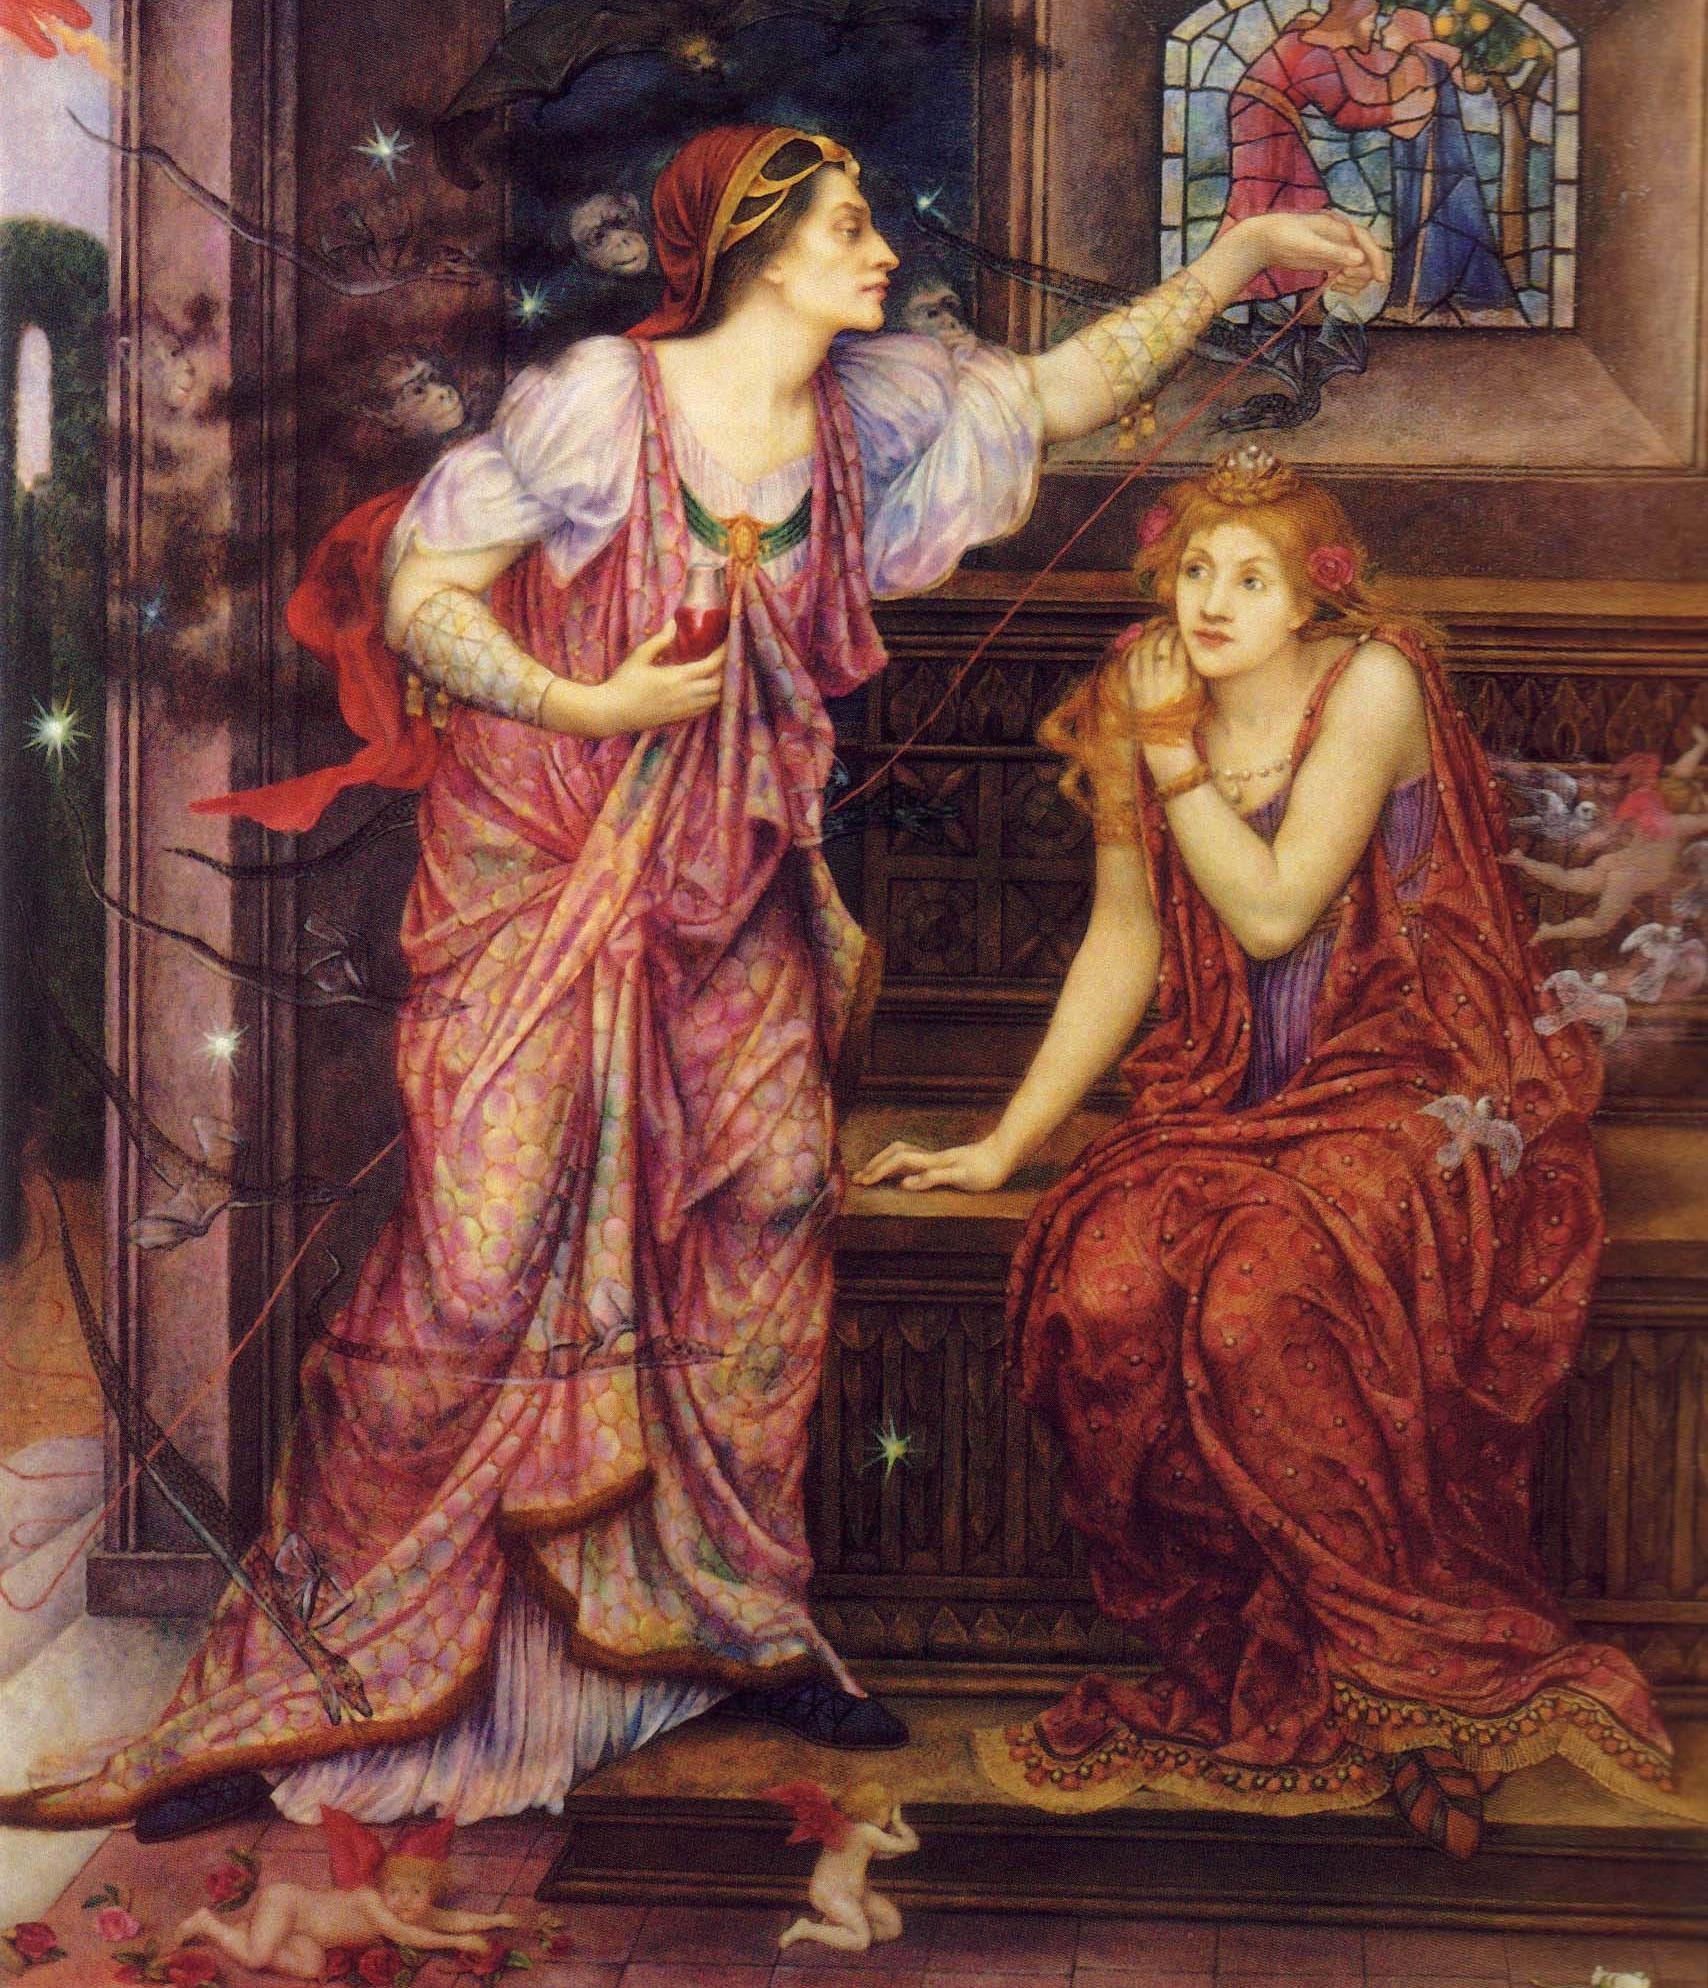 Magicznie przygotowywany napój miłosny dla młodziutkiej panny? Akurat nie w tym wypadku. To Eleonora Akwitańska przygotowująca truciznę dla kochanki swego męża, Rozamundy Clifford. Obraz Evelyn de Morgan (źródło: domena publiczna).